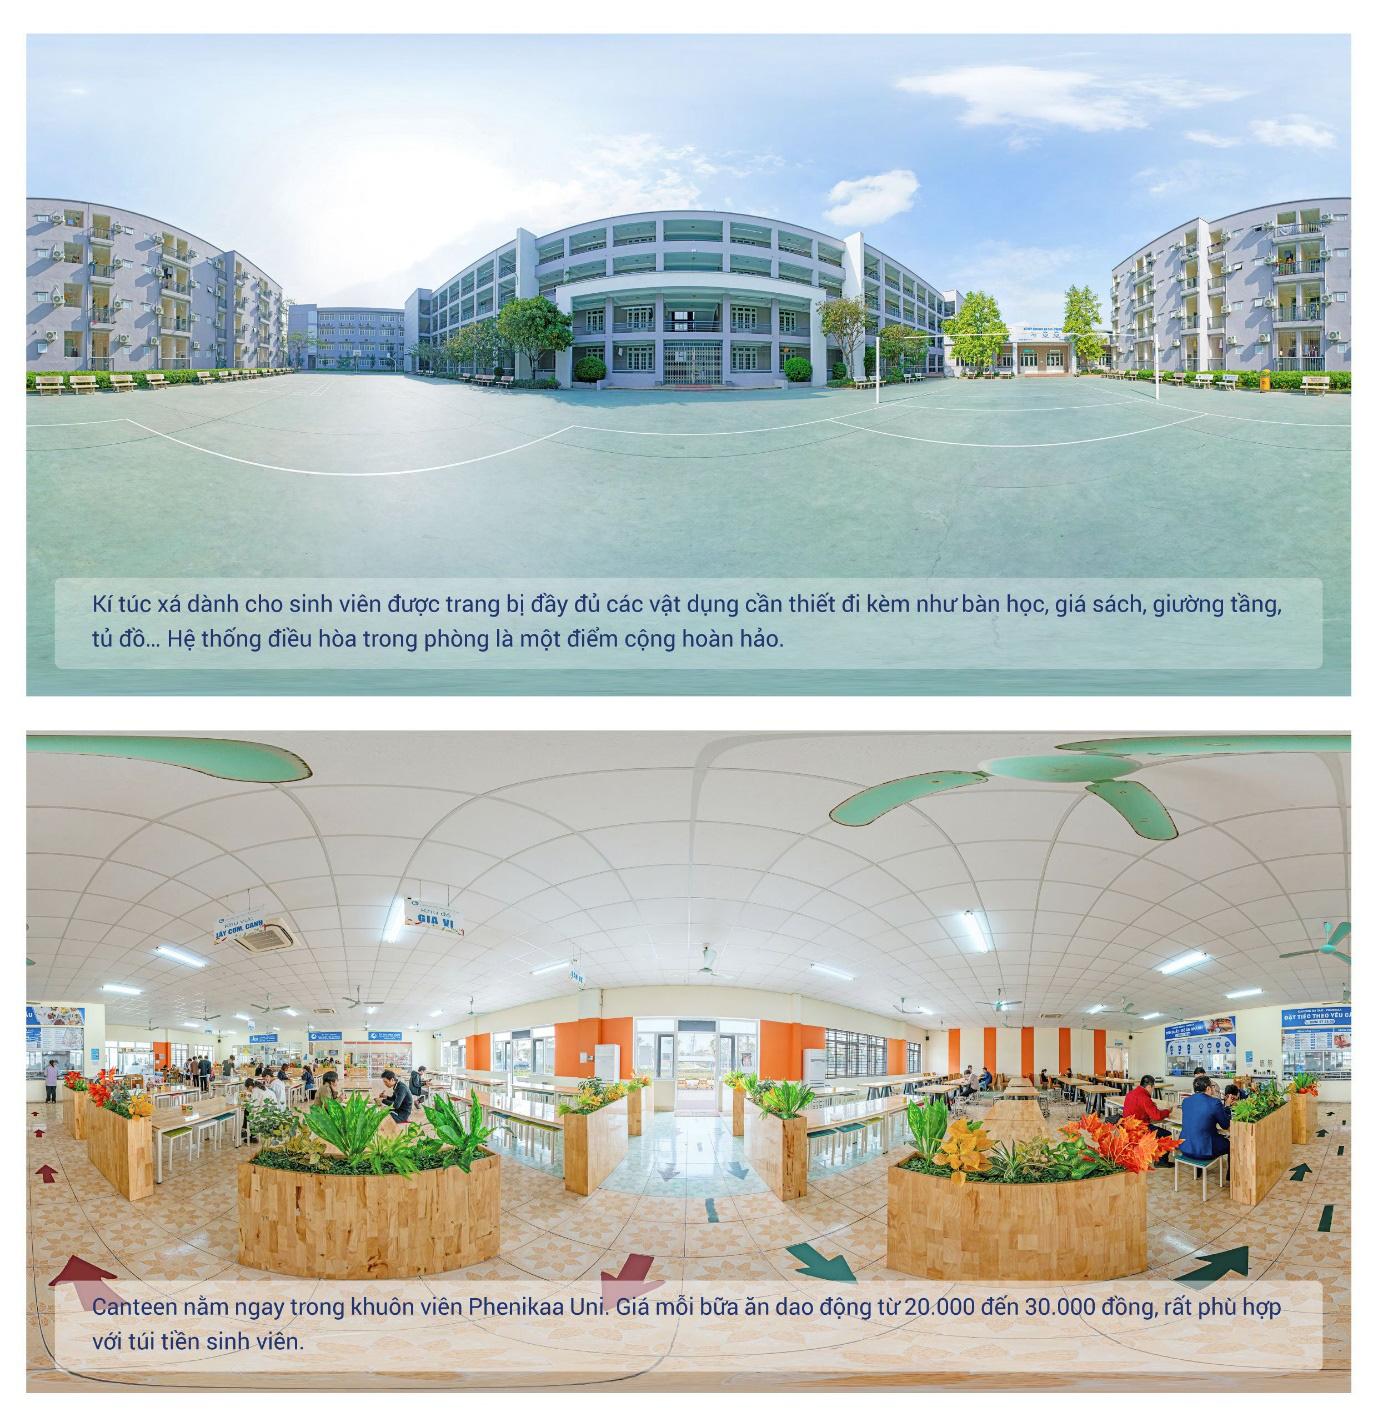 Ngôi trường trong mơ của gen Z đã thật sự xuất hiện ở Hà Nội - Ảnh 3.